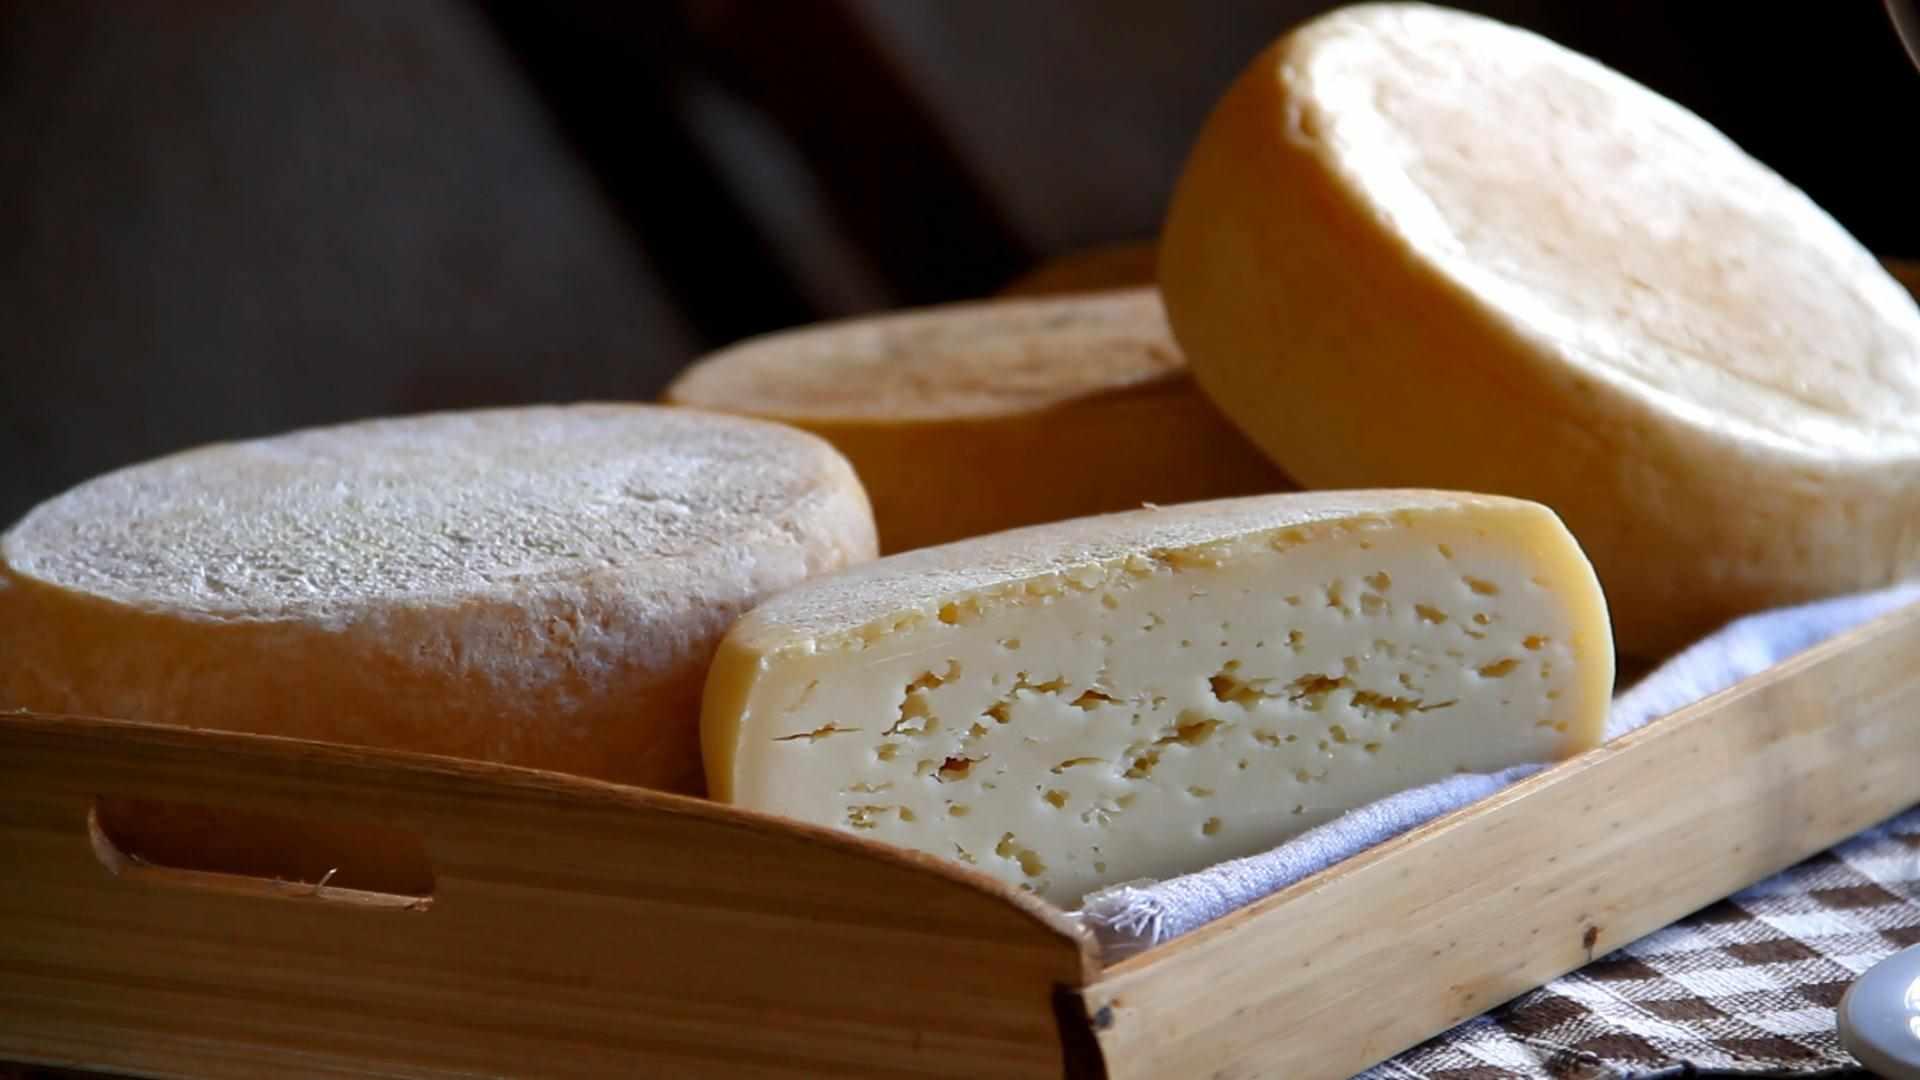 Secretaria de Agricultura aponta alternativas para a produção de queijos da Serra Geral